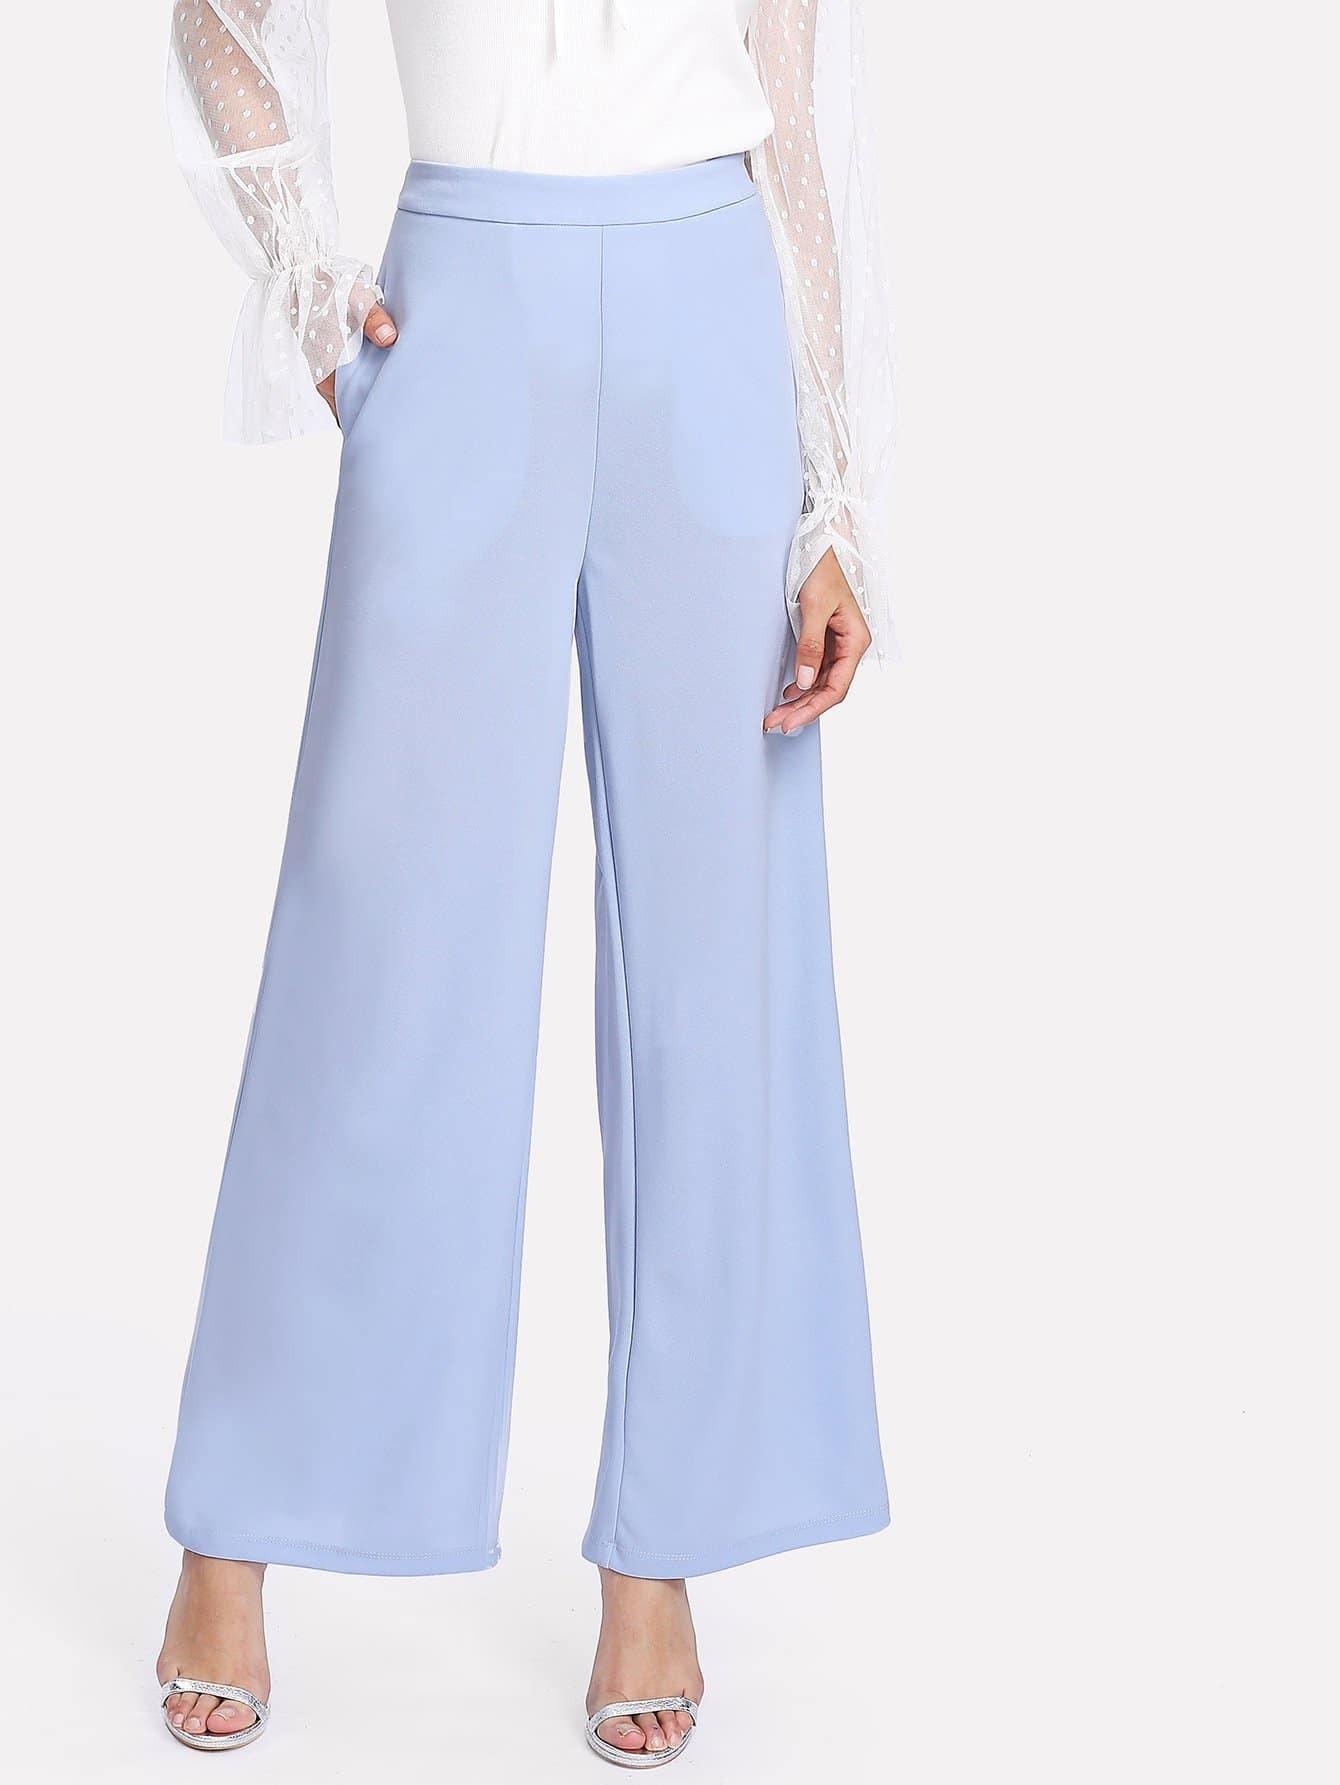 Wide Leg Solid Pants alfred dunner women s wide leg pants 18w multi